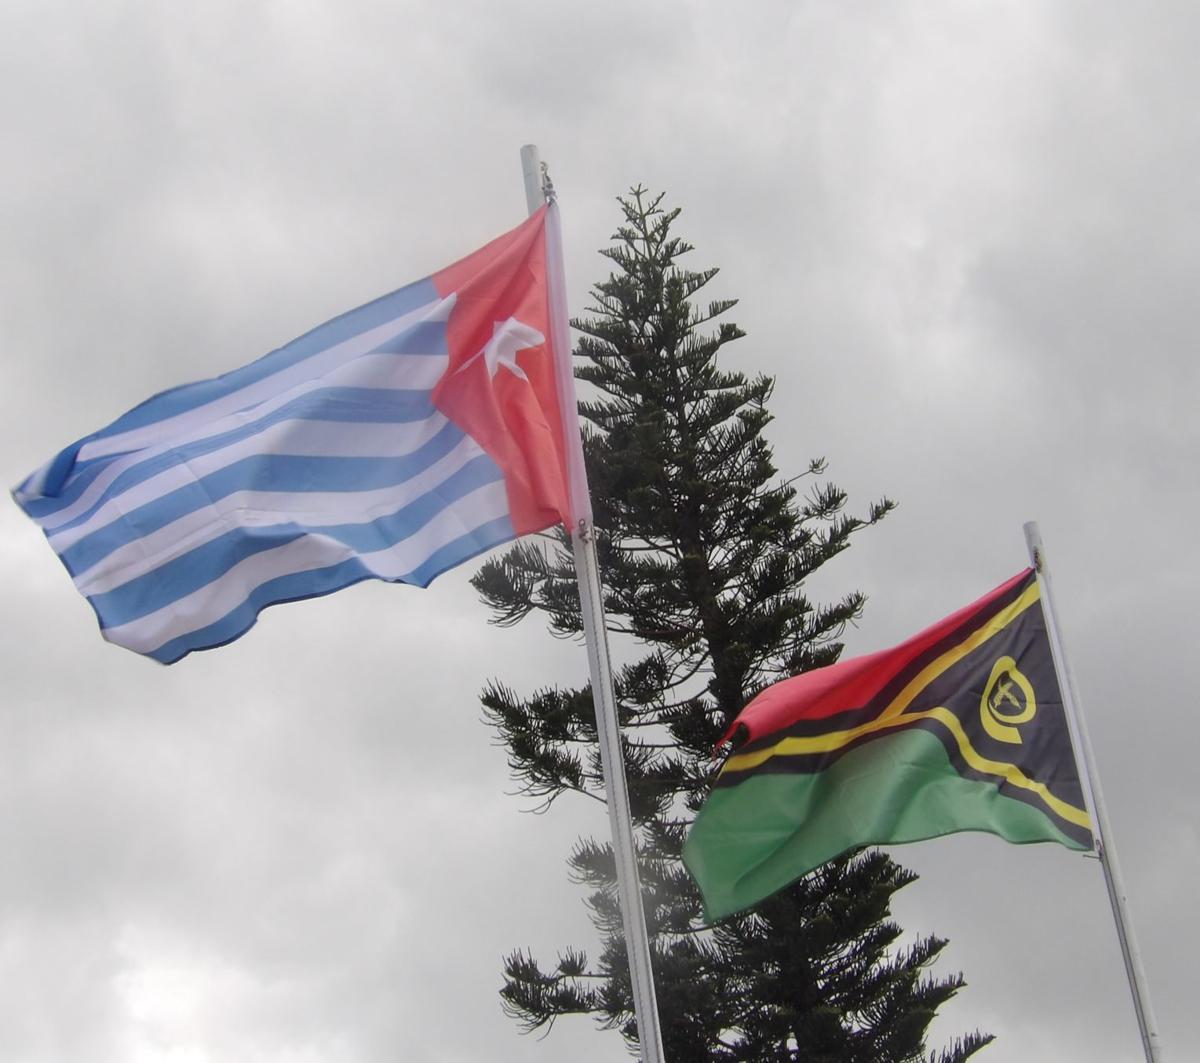 WP Flag flying